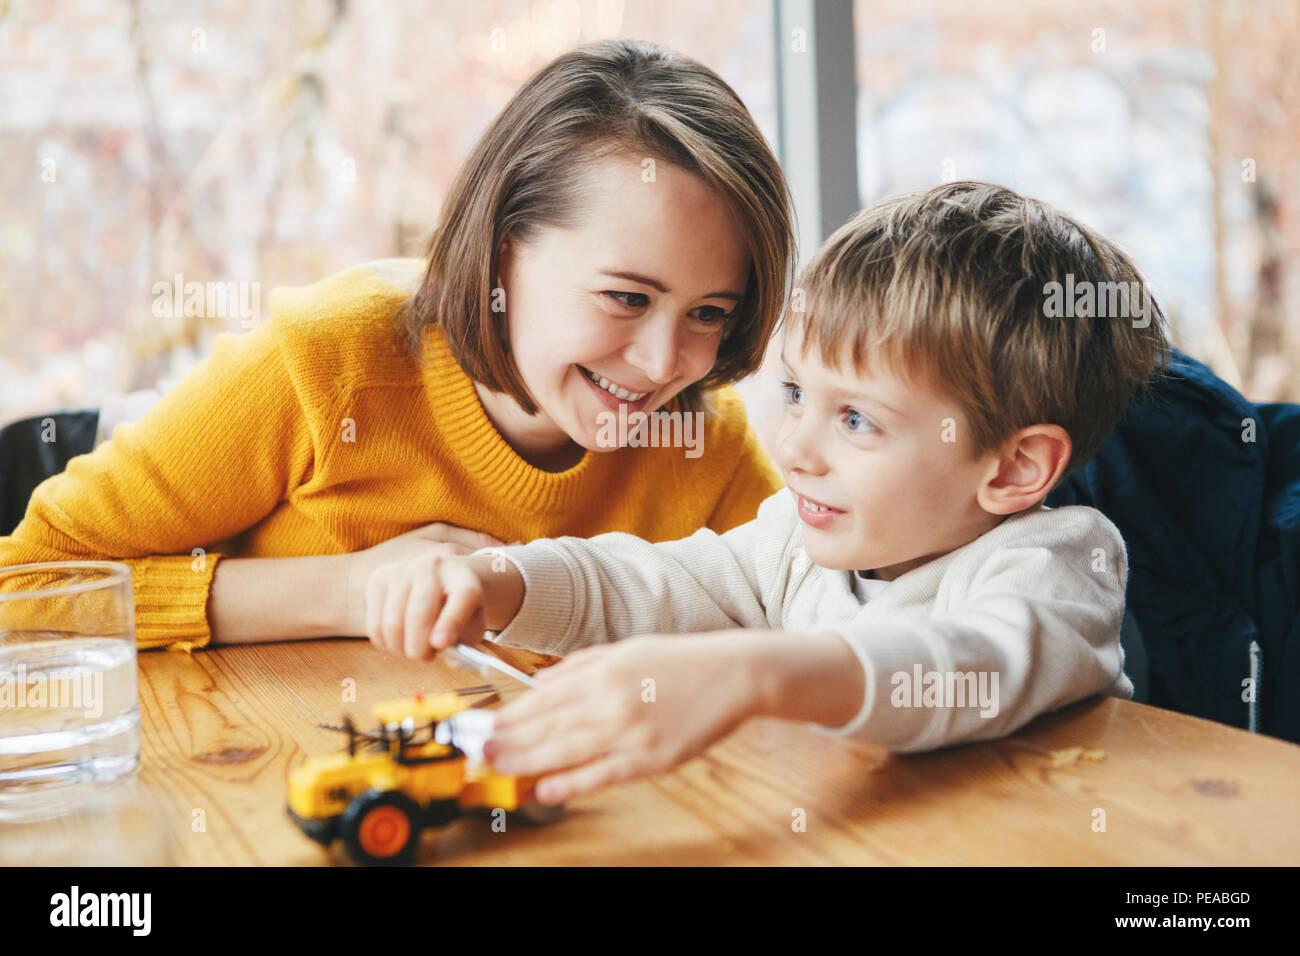 Retrato de familia feliz caucásicos blancos, la madre y el hijo, sentado en el restaurante café en la mesa, sonriendo jugando con coches de juguete, el auténtico estilo de vida Imagen De Stock